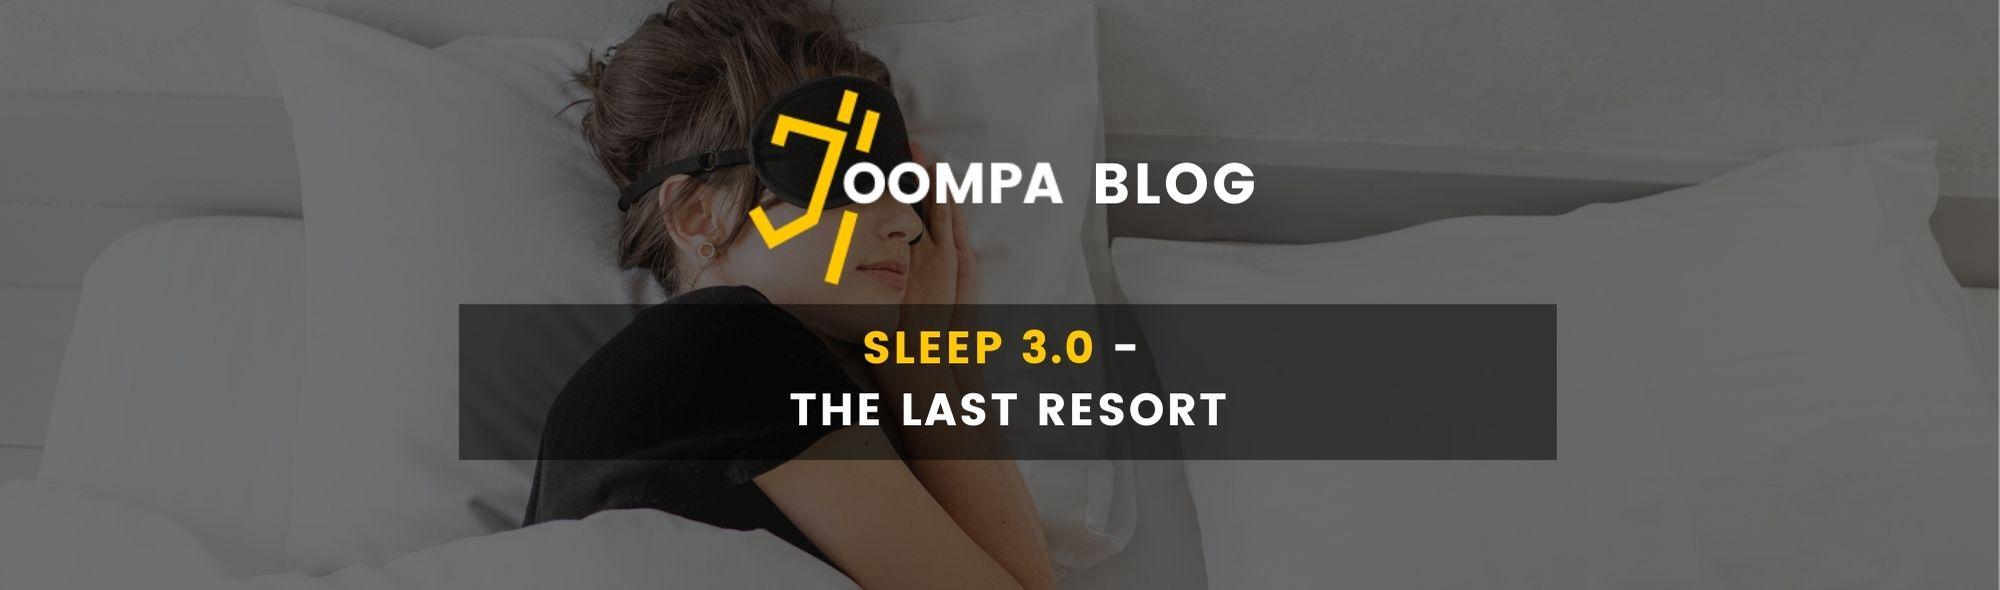 Sleep 3.0 - The Last Resort